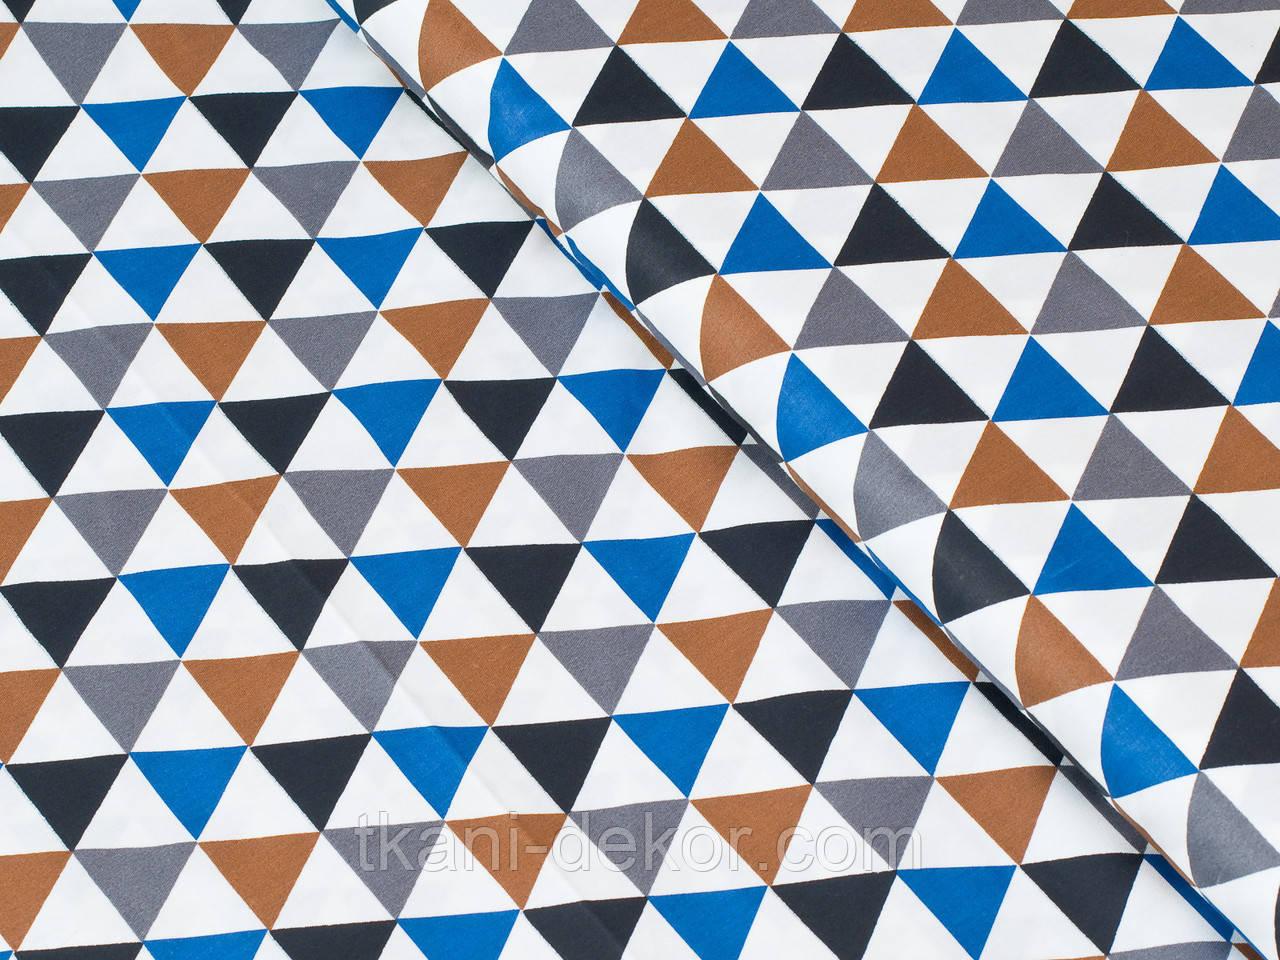 Сатин (хлопковая ткань) треугольники